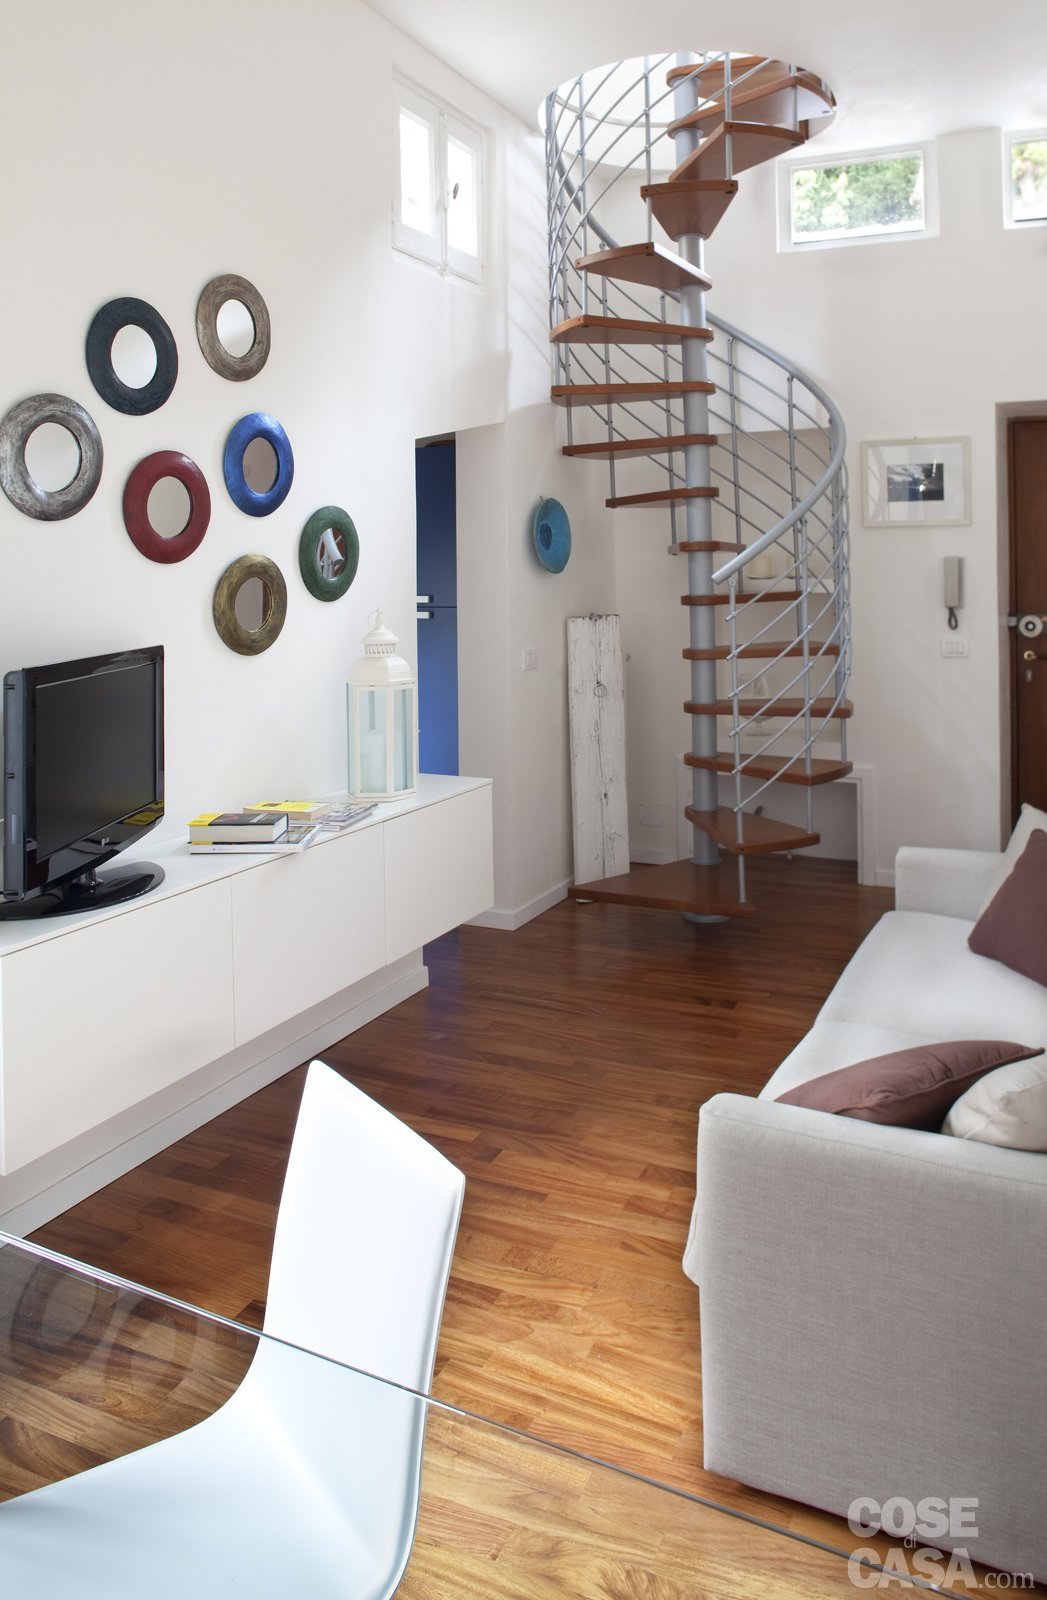 48 mq bilocale su due livelli cose di casa for Piccoli piani di casa a 2 piani